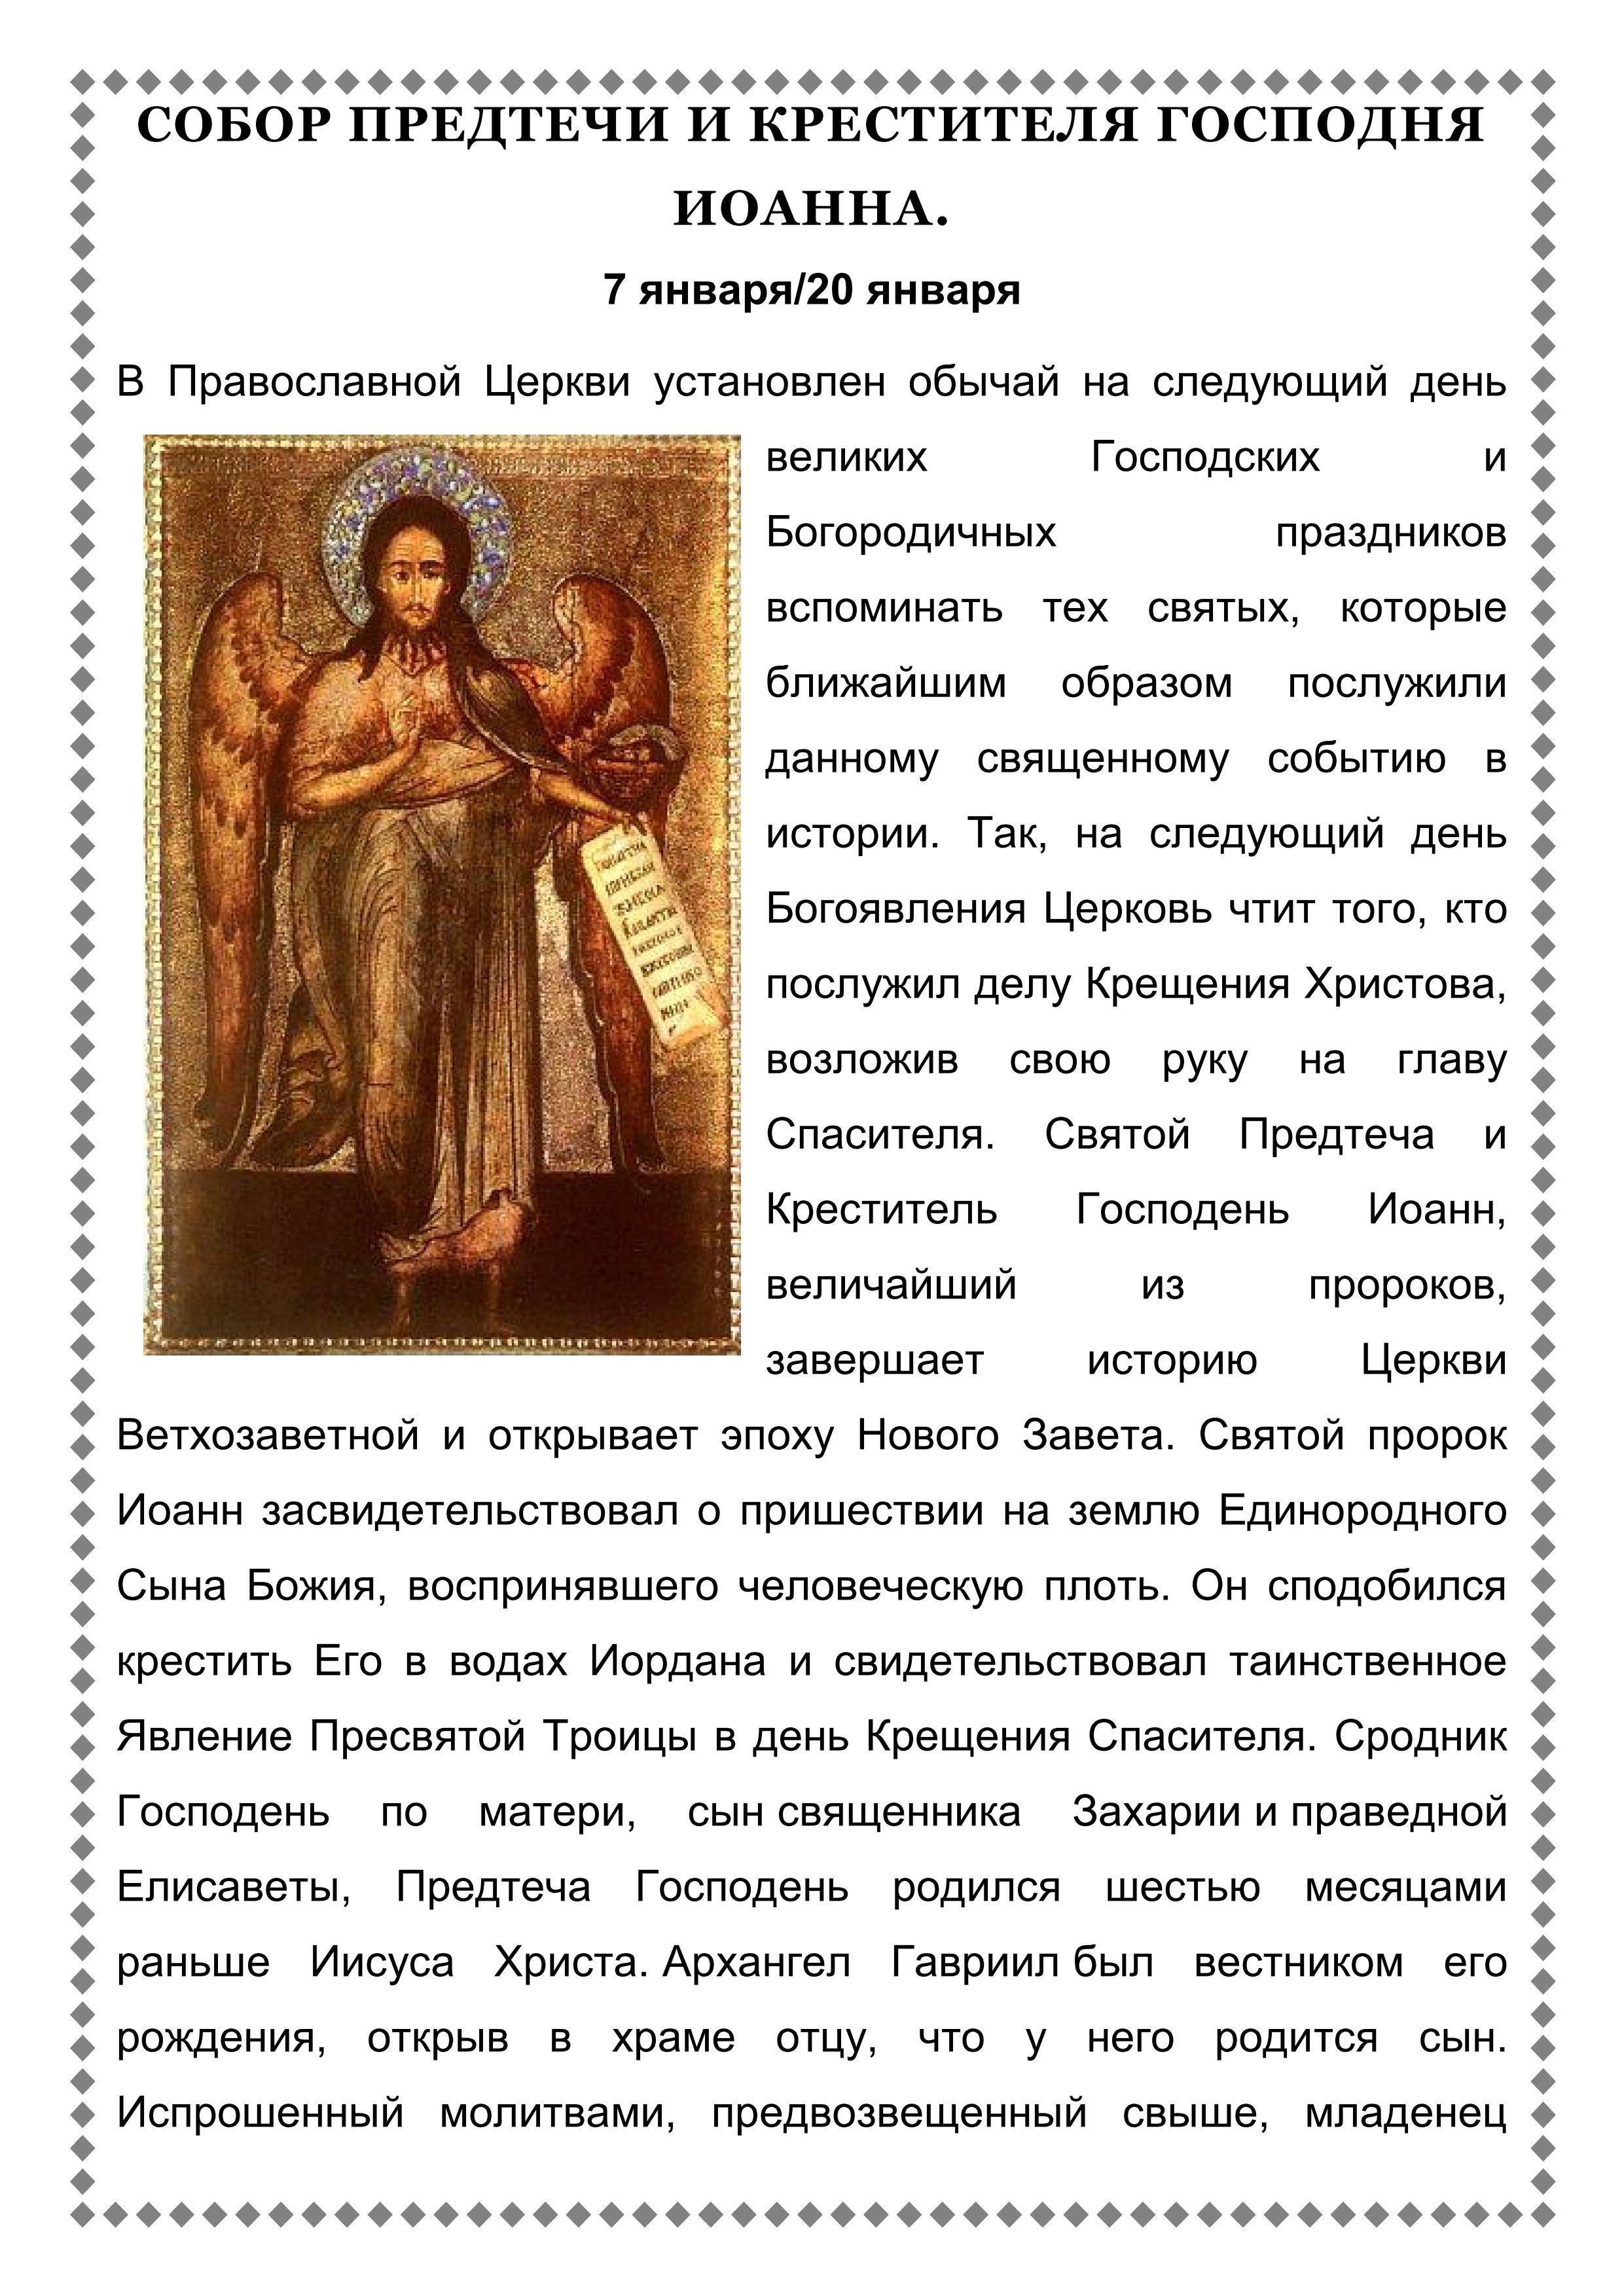 О празднике Богоявления_04